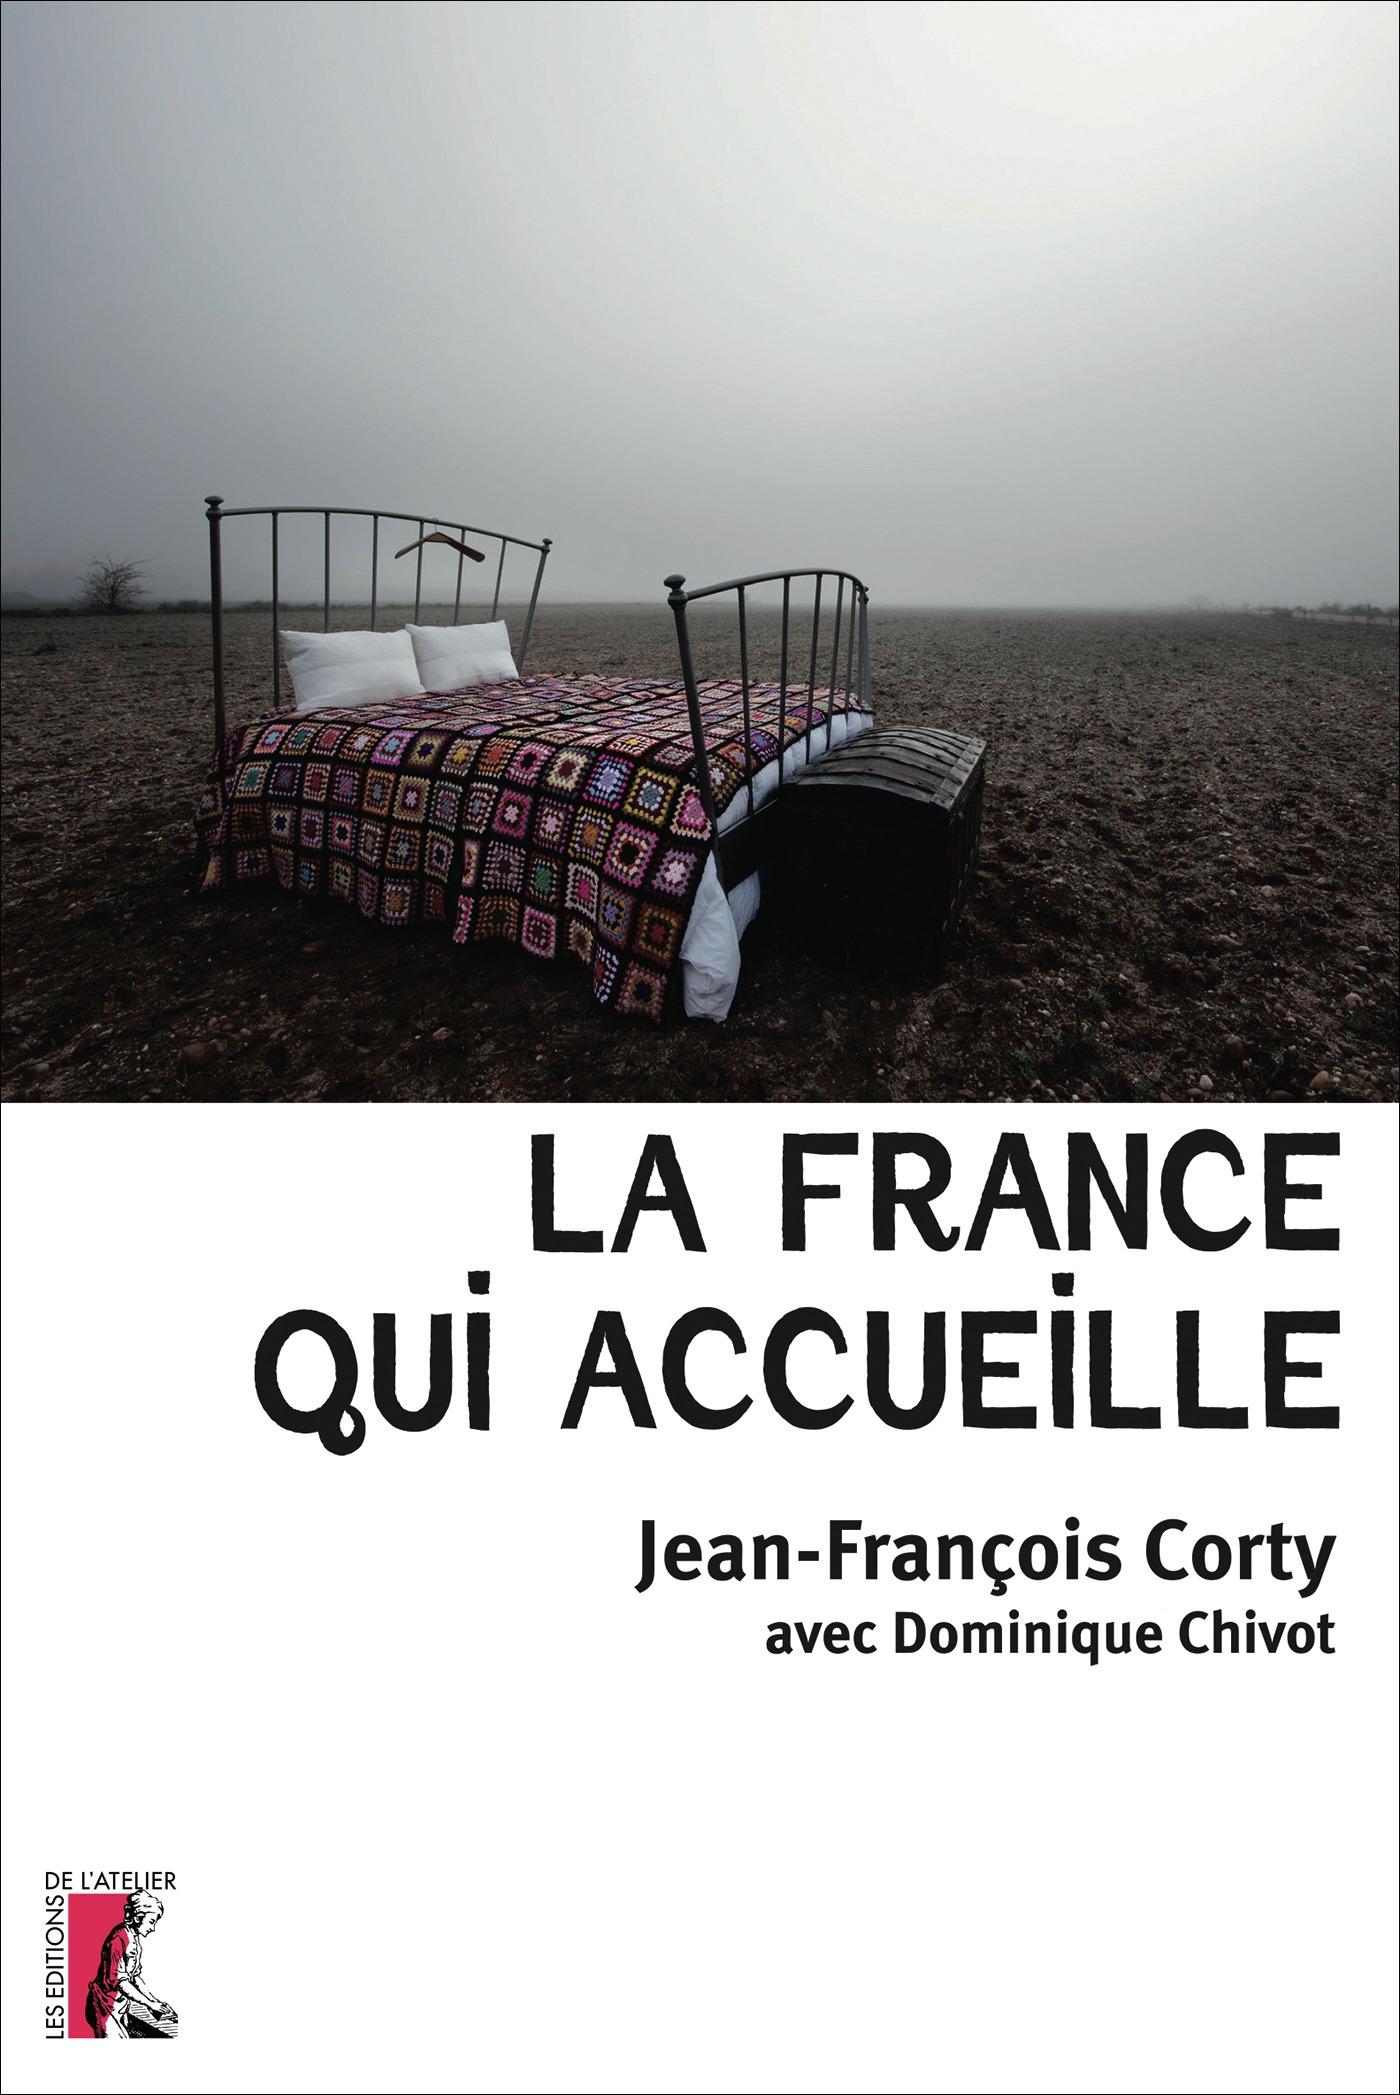 Jean-François Corty: La France Qui Accueille